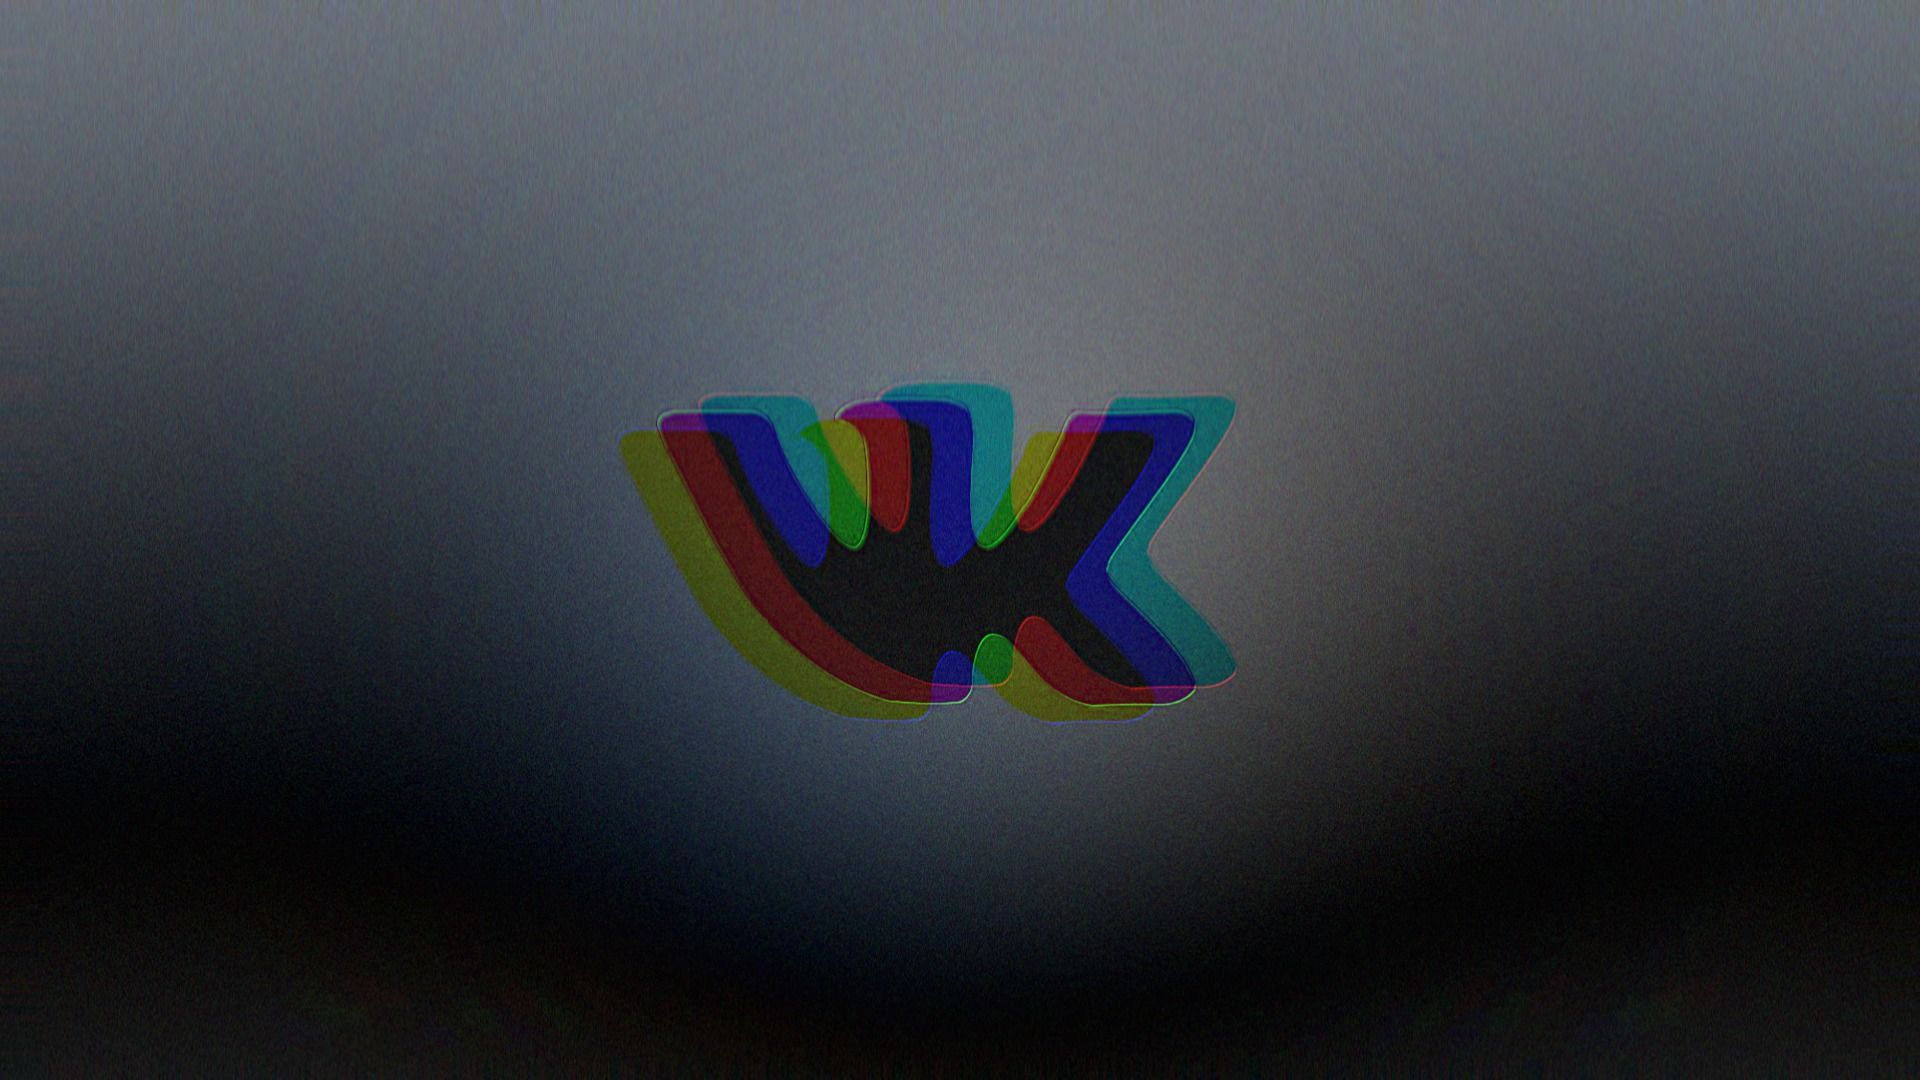 Баг «ВКонтакте»: все публикуют одну и ту же запись